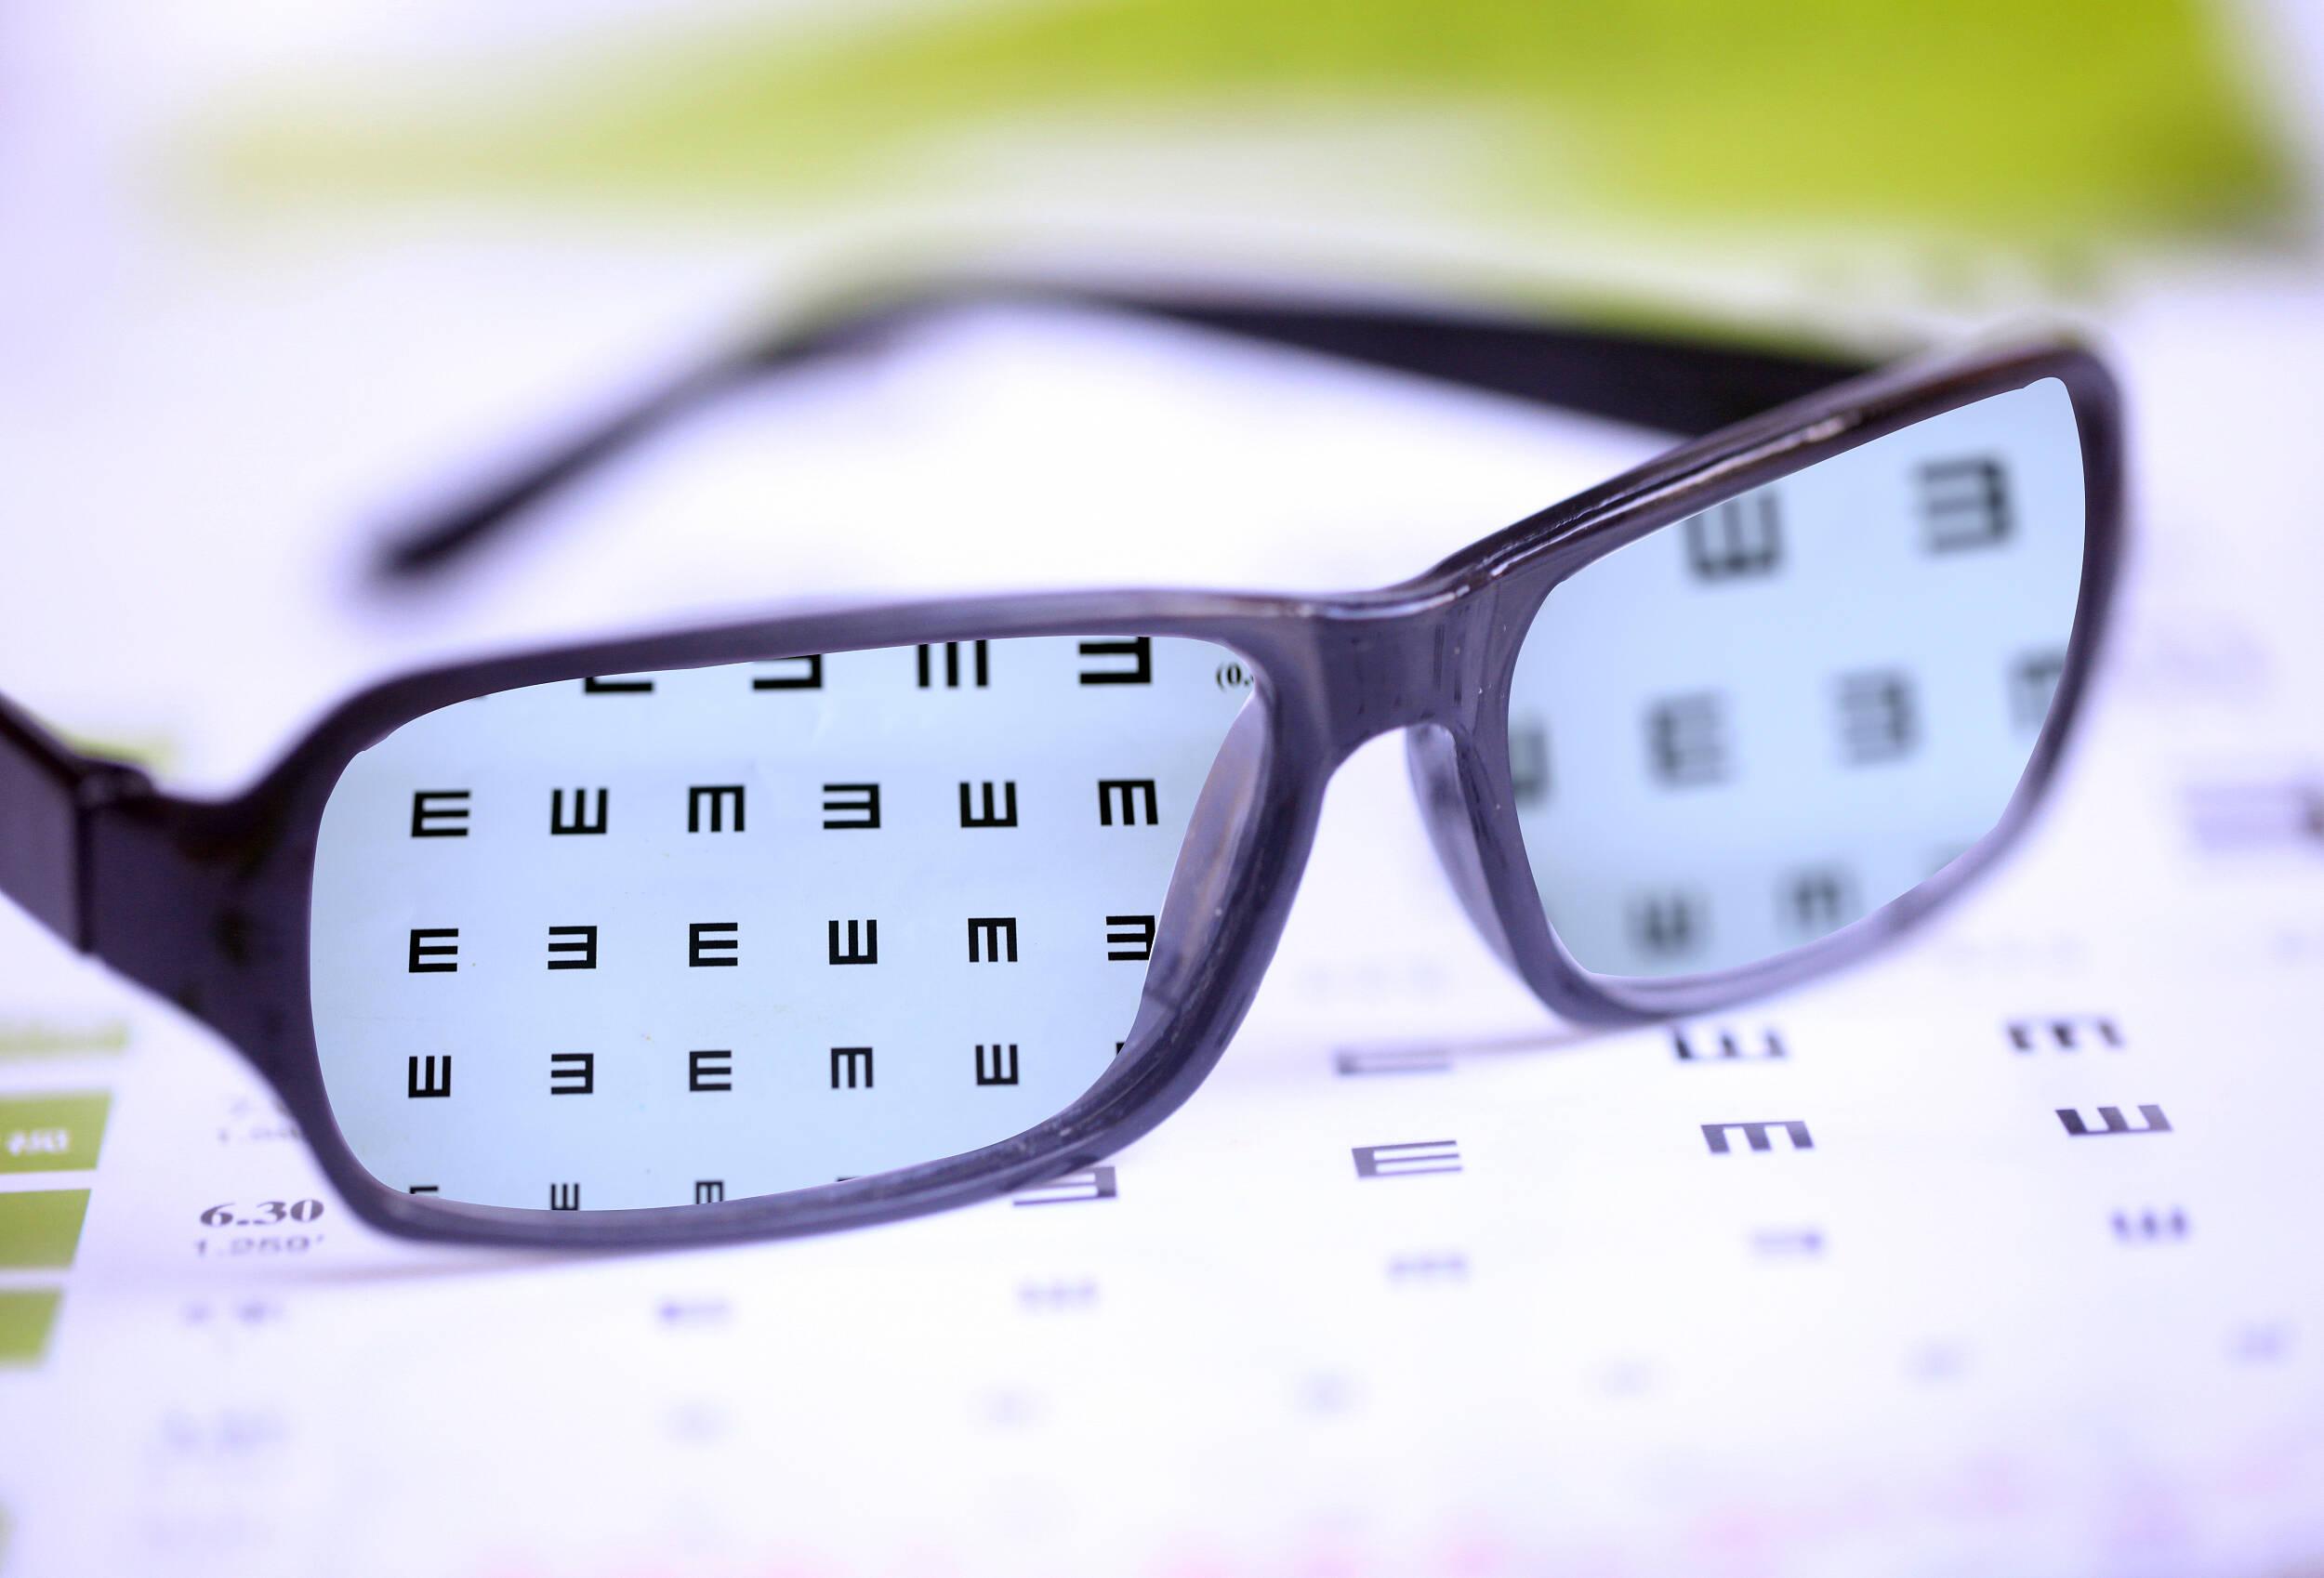 视力矫正乱象丛生 科学用眼方是正道丨闪电评论